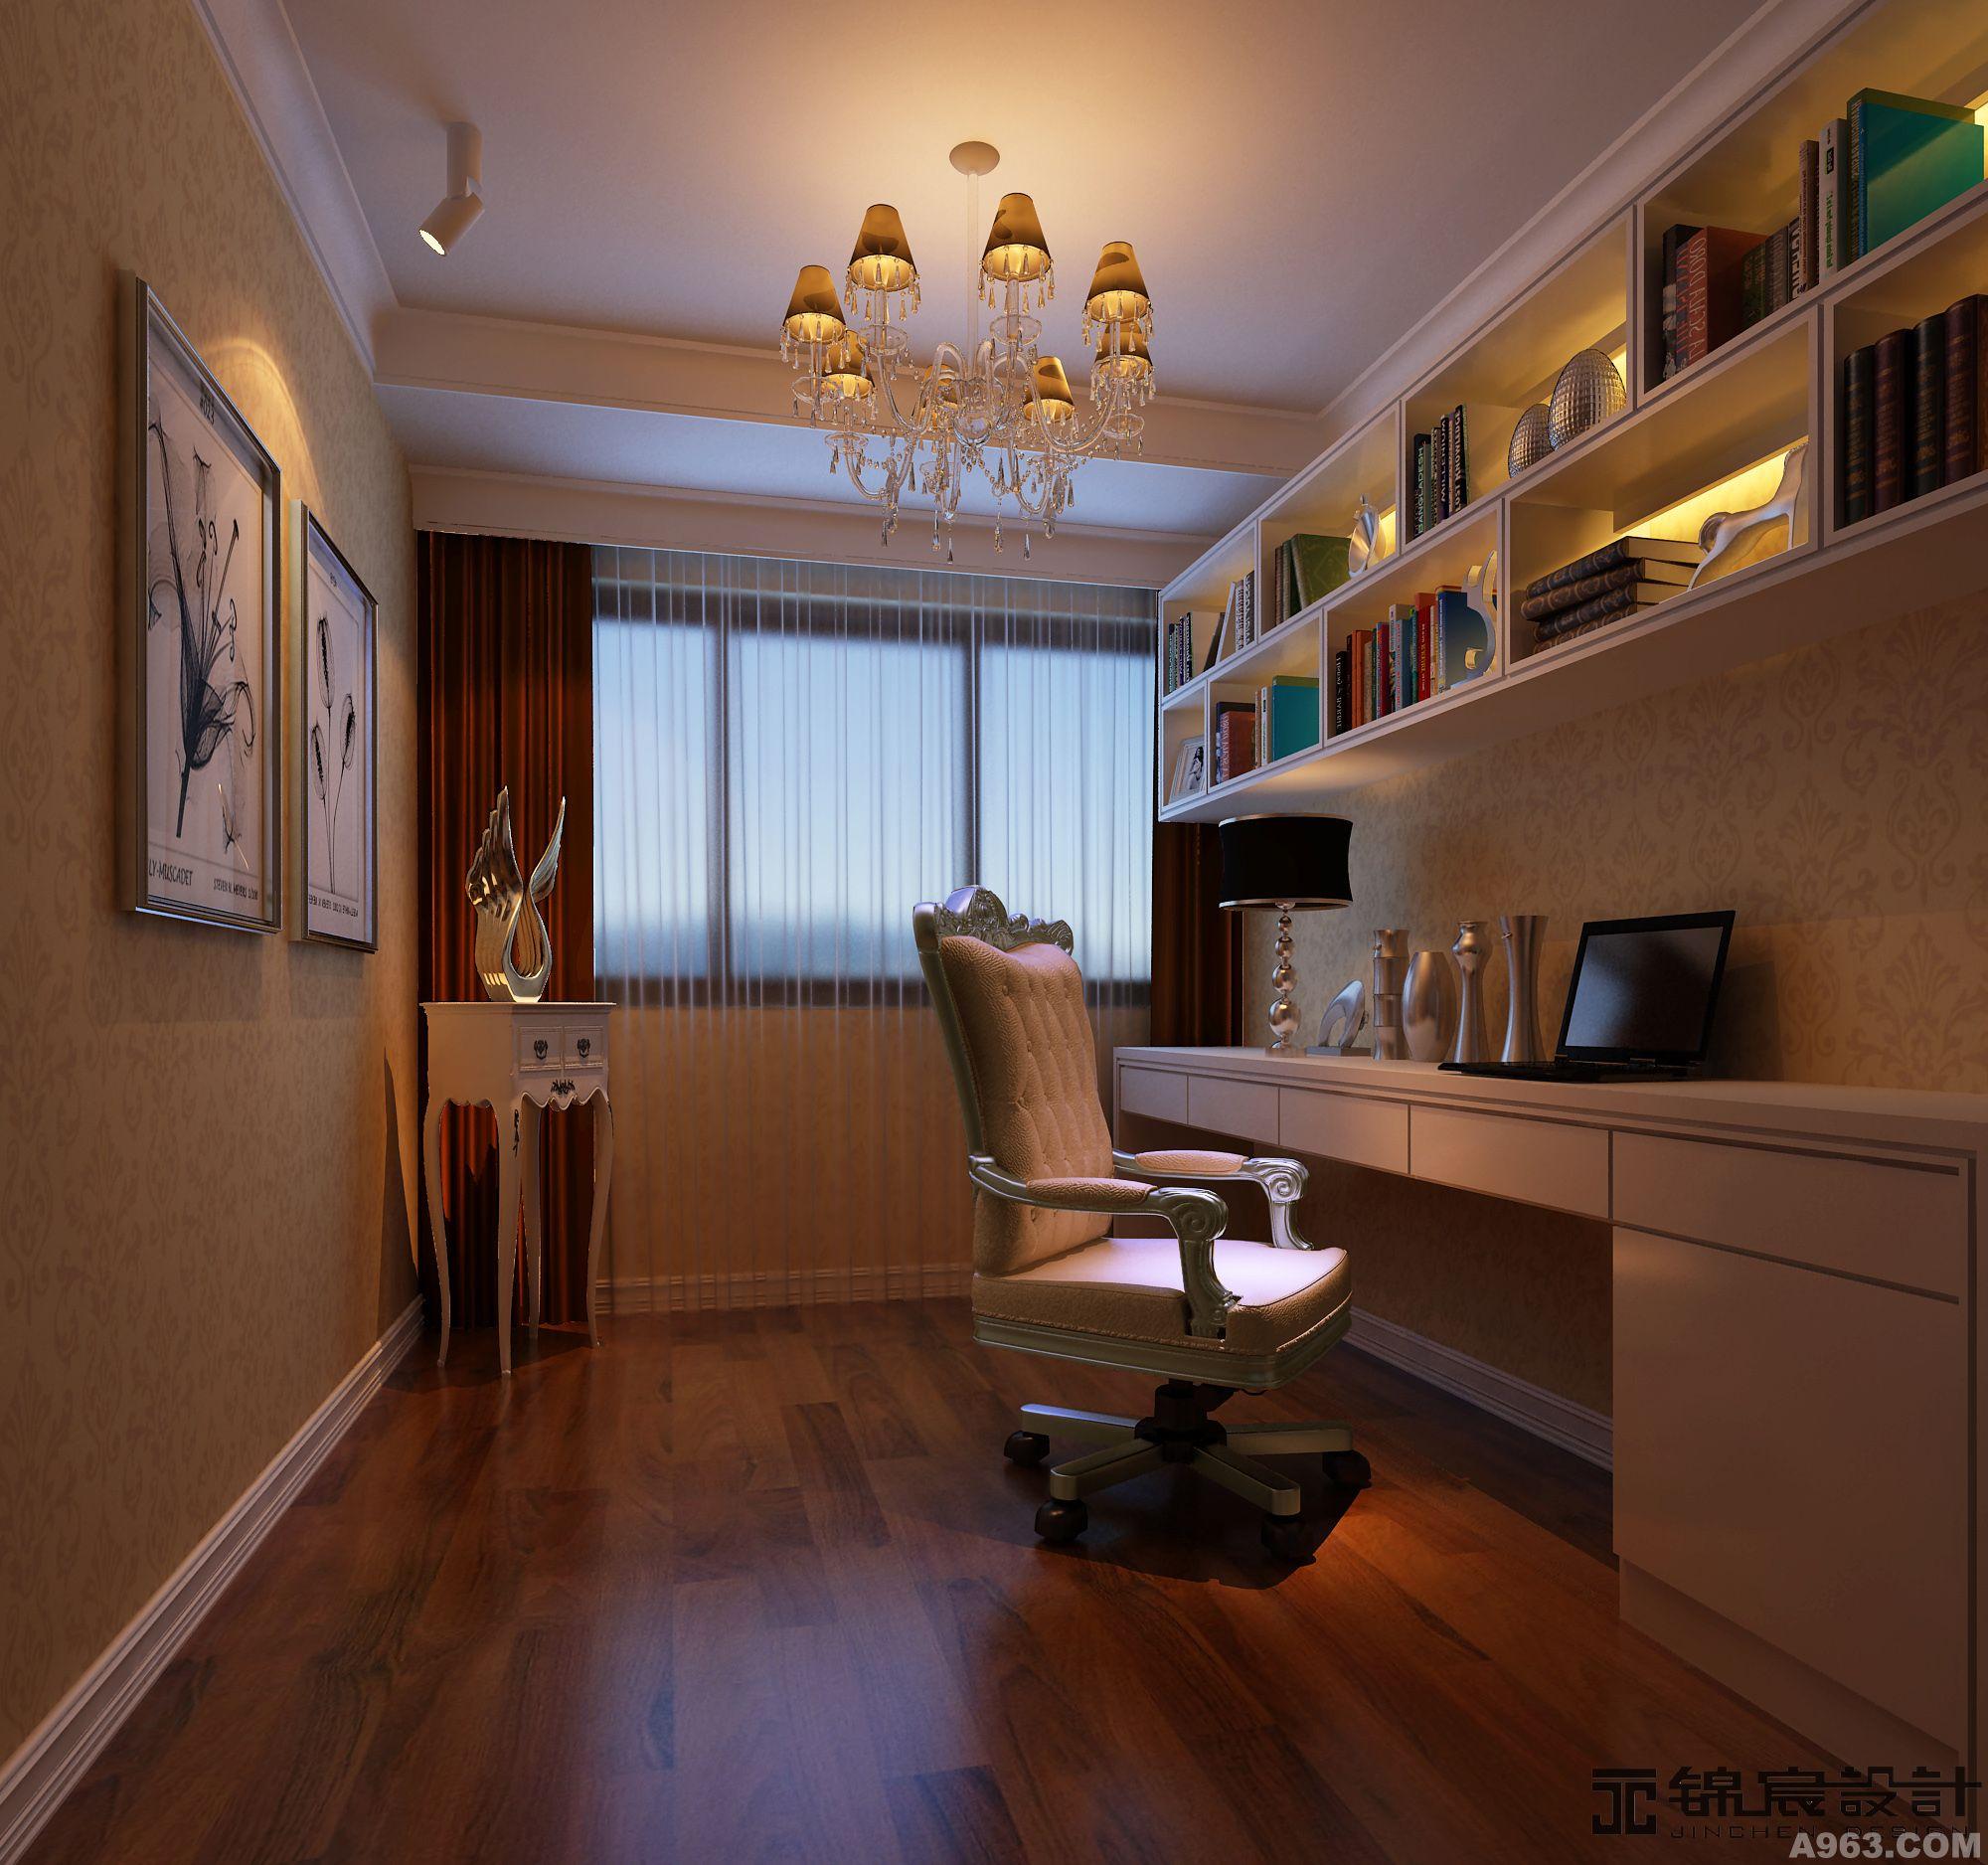 凯旋公馆---简约欧式 - 住宅空间 - 东莞室内设计网